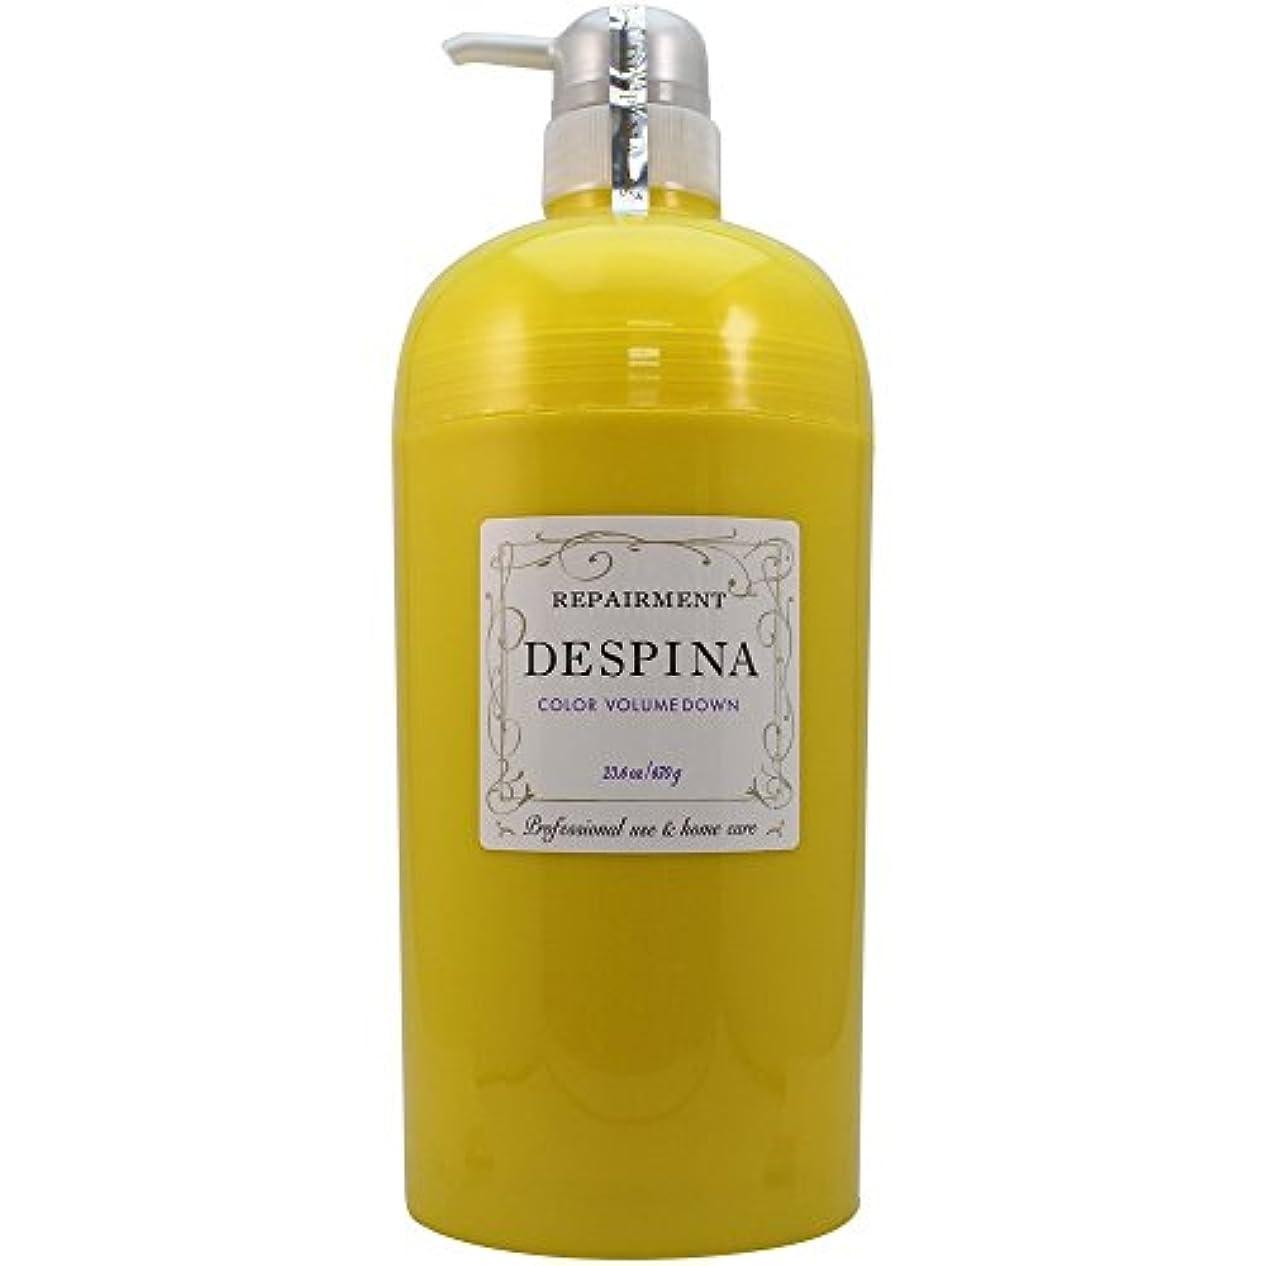 承認する驚徹底的に中野製薬 デスピナ リペアメント カラー ボリュームダウン 670g